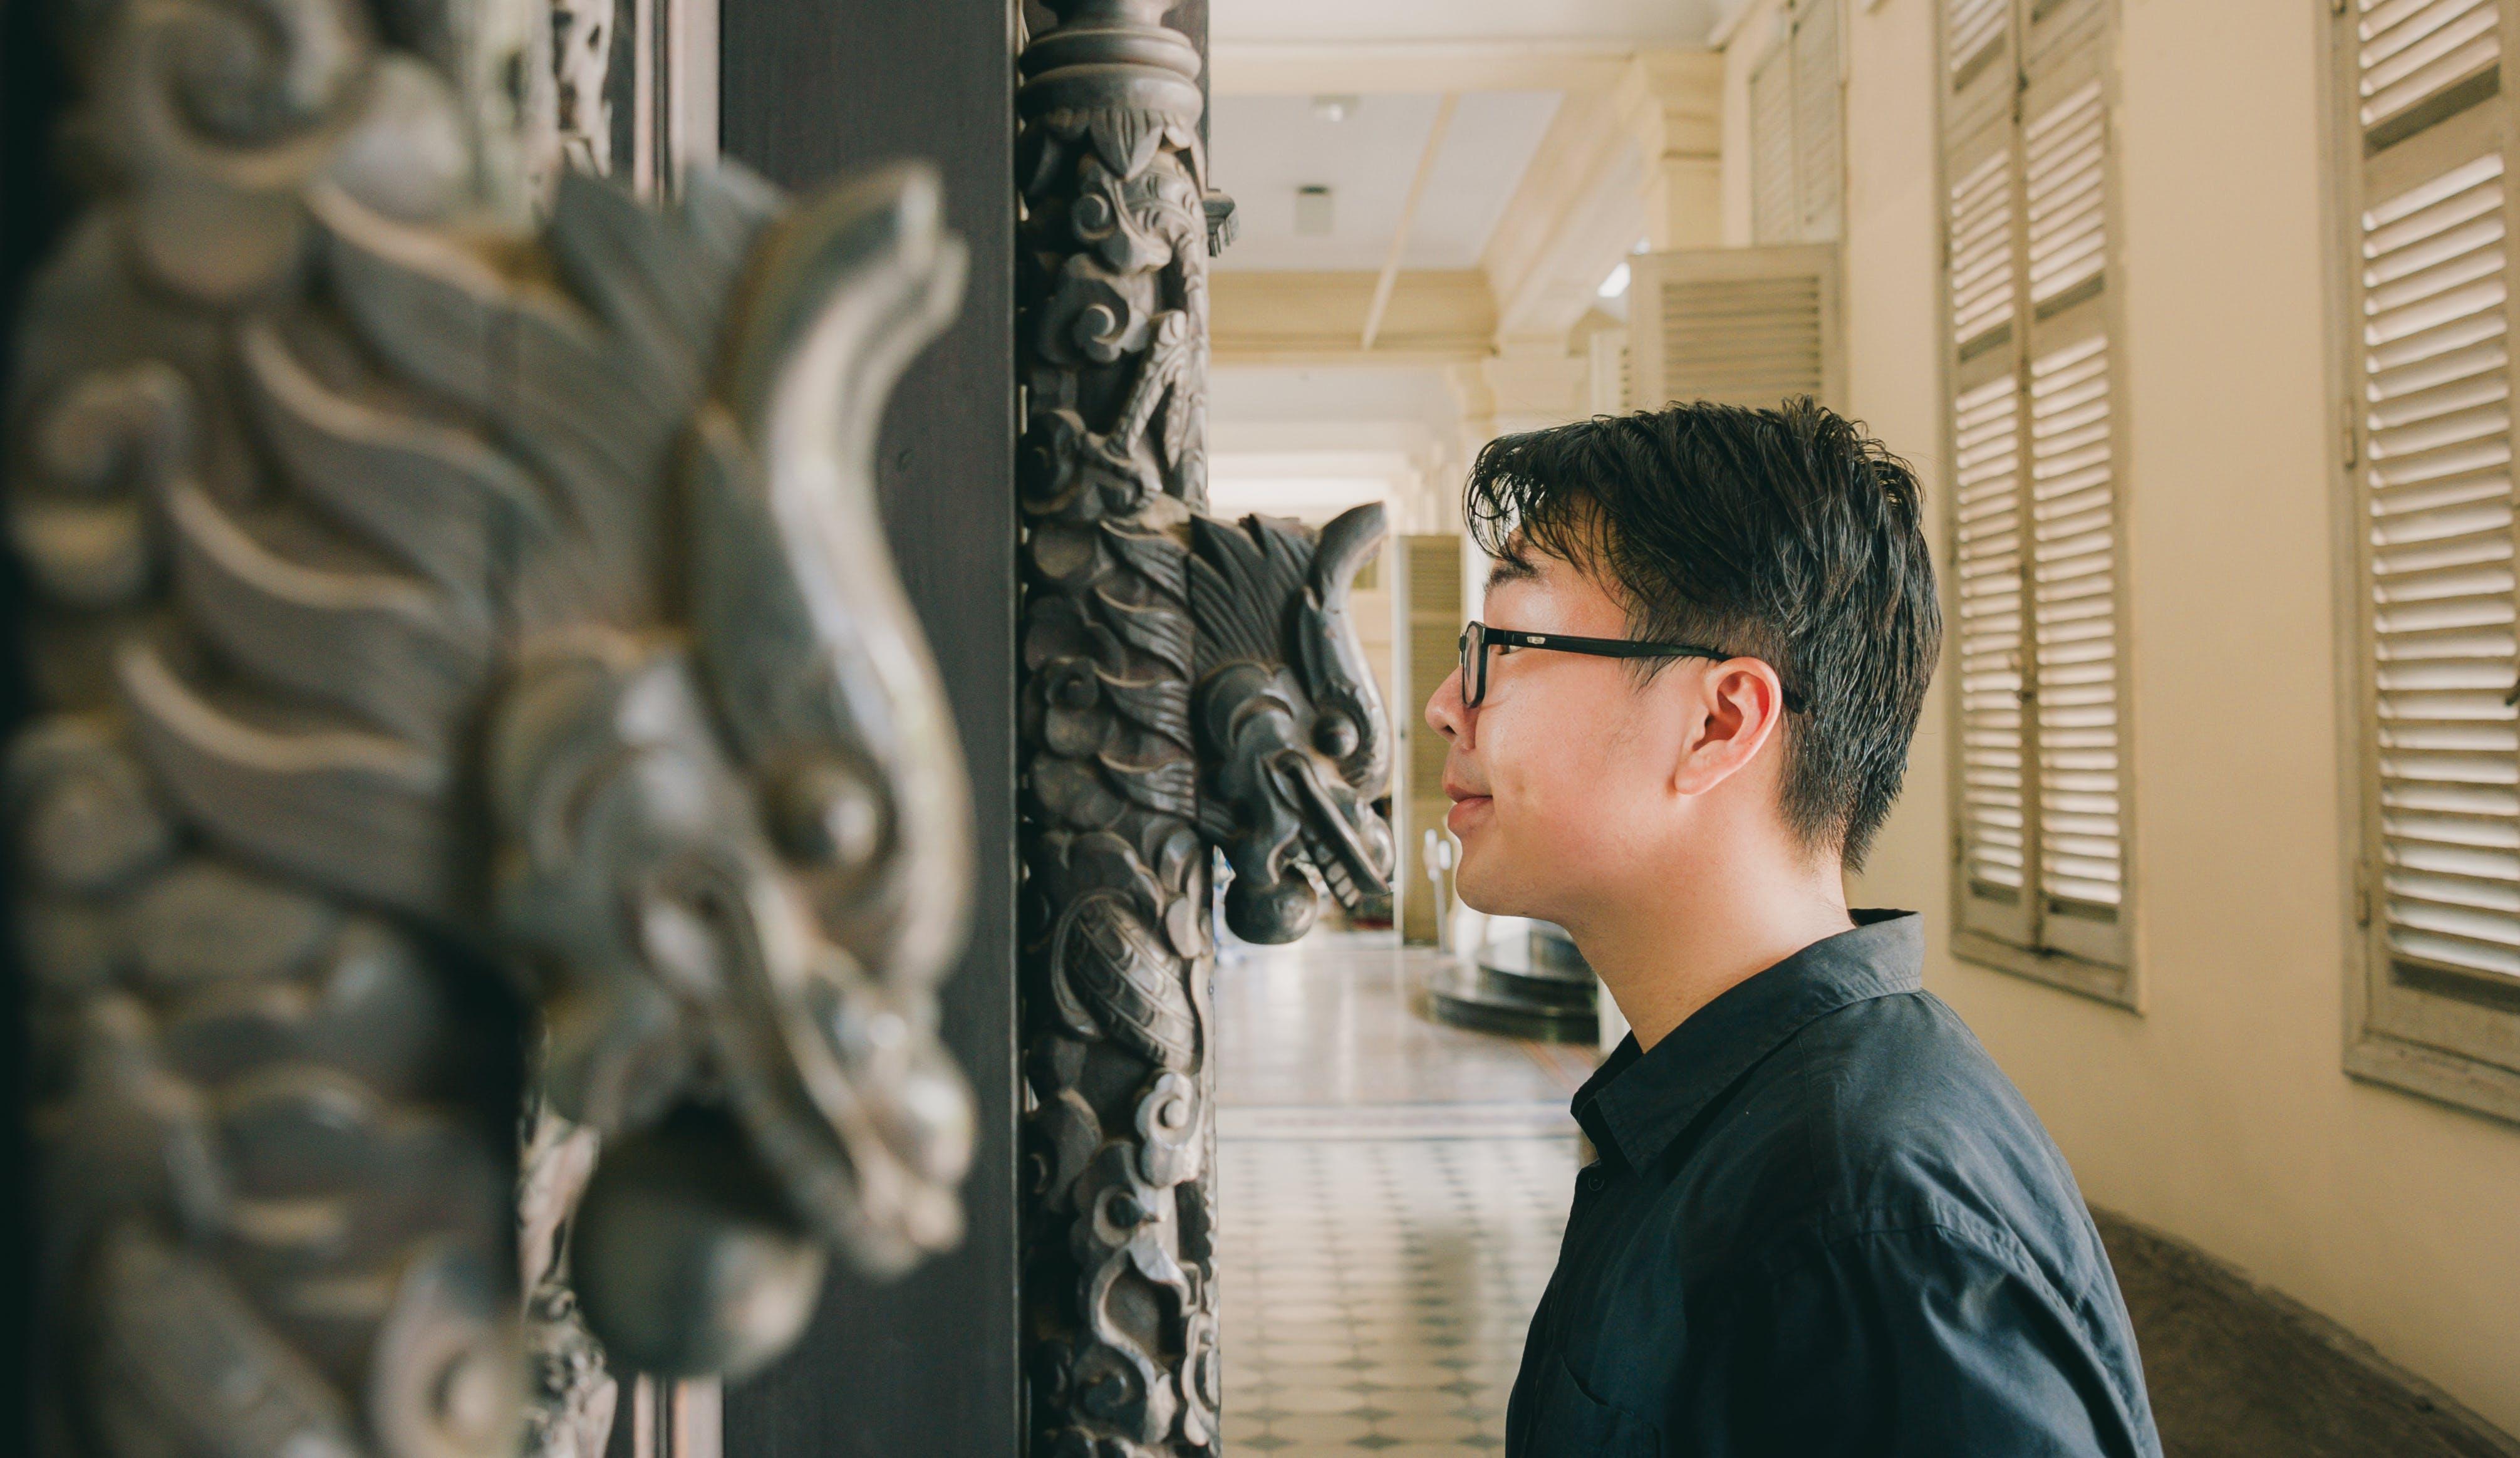 Gratis stockfoto met aziatische kerel, beeld, beurs, binnenshuis